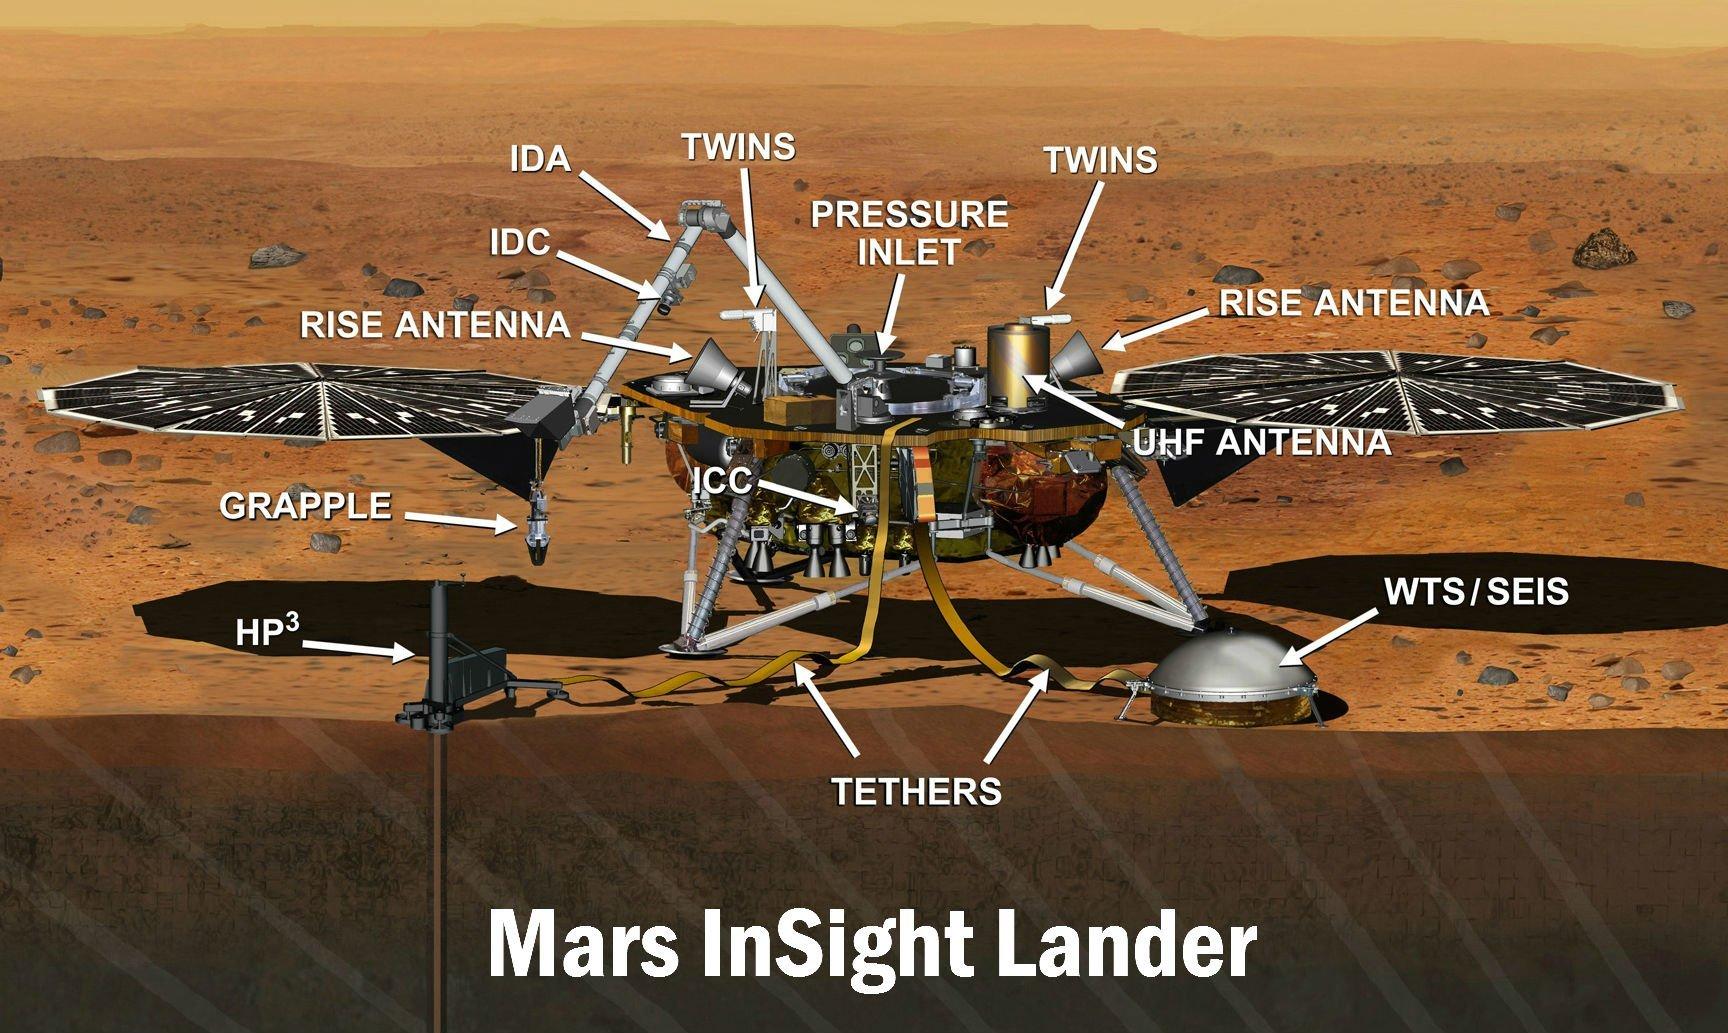 IDA e IDC: Brazo Robótico desplegable con instrumentación y cámara. RISE Antenna:  Antena que capta ondas de radio de la banda X para el aterrizaje y las variaciones del eje de rotación marciano.  GRAPPEL:  Instumentos de agarre PRESSURE INLET: Para medir la presión marciana. TWINS:  Instrumentos para medir la temperatura del aire y la intensidad aí como irección del viento sobre la superficie de Marte. THETHER:  cuerdas HP3: Sonda de perforación para analizar propiedades físicas del subsuelo marciano. SEIS: Antes lo hemos mencionado, está destinado a explorar el interior de Marte